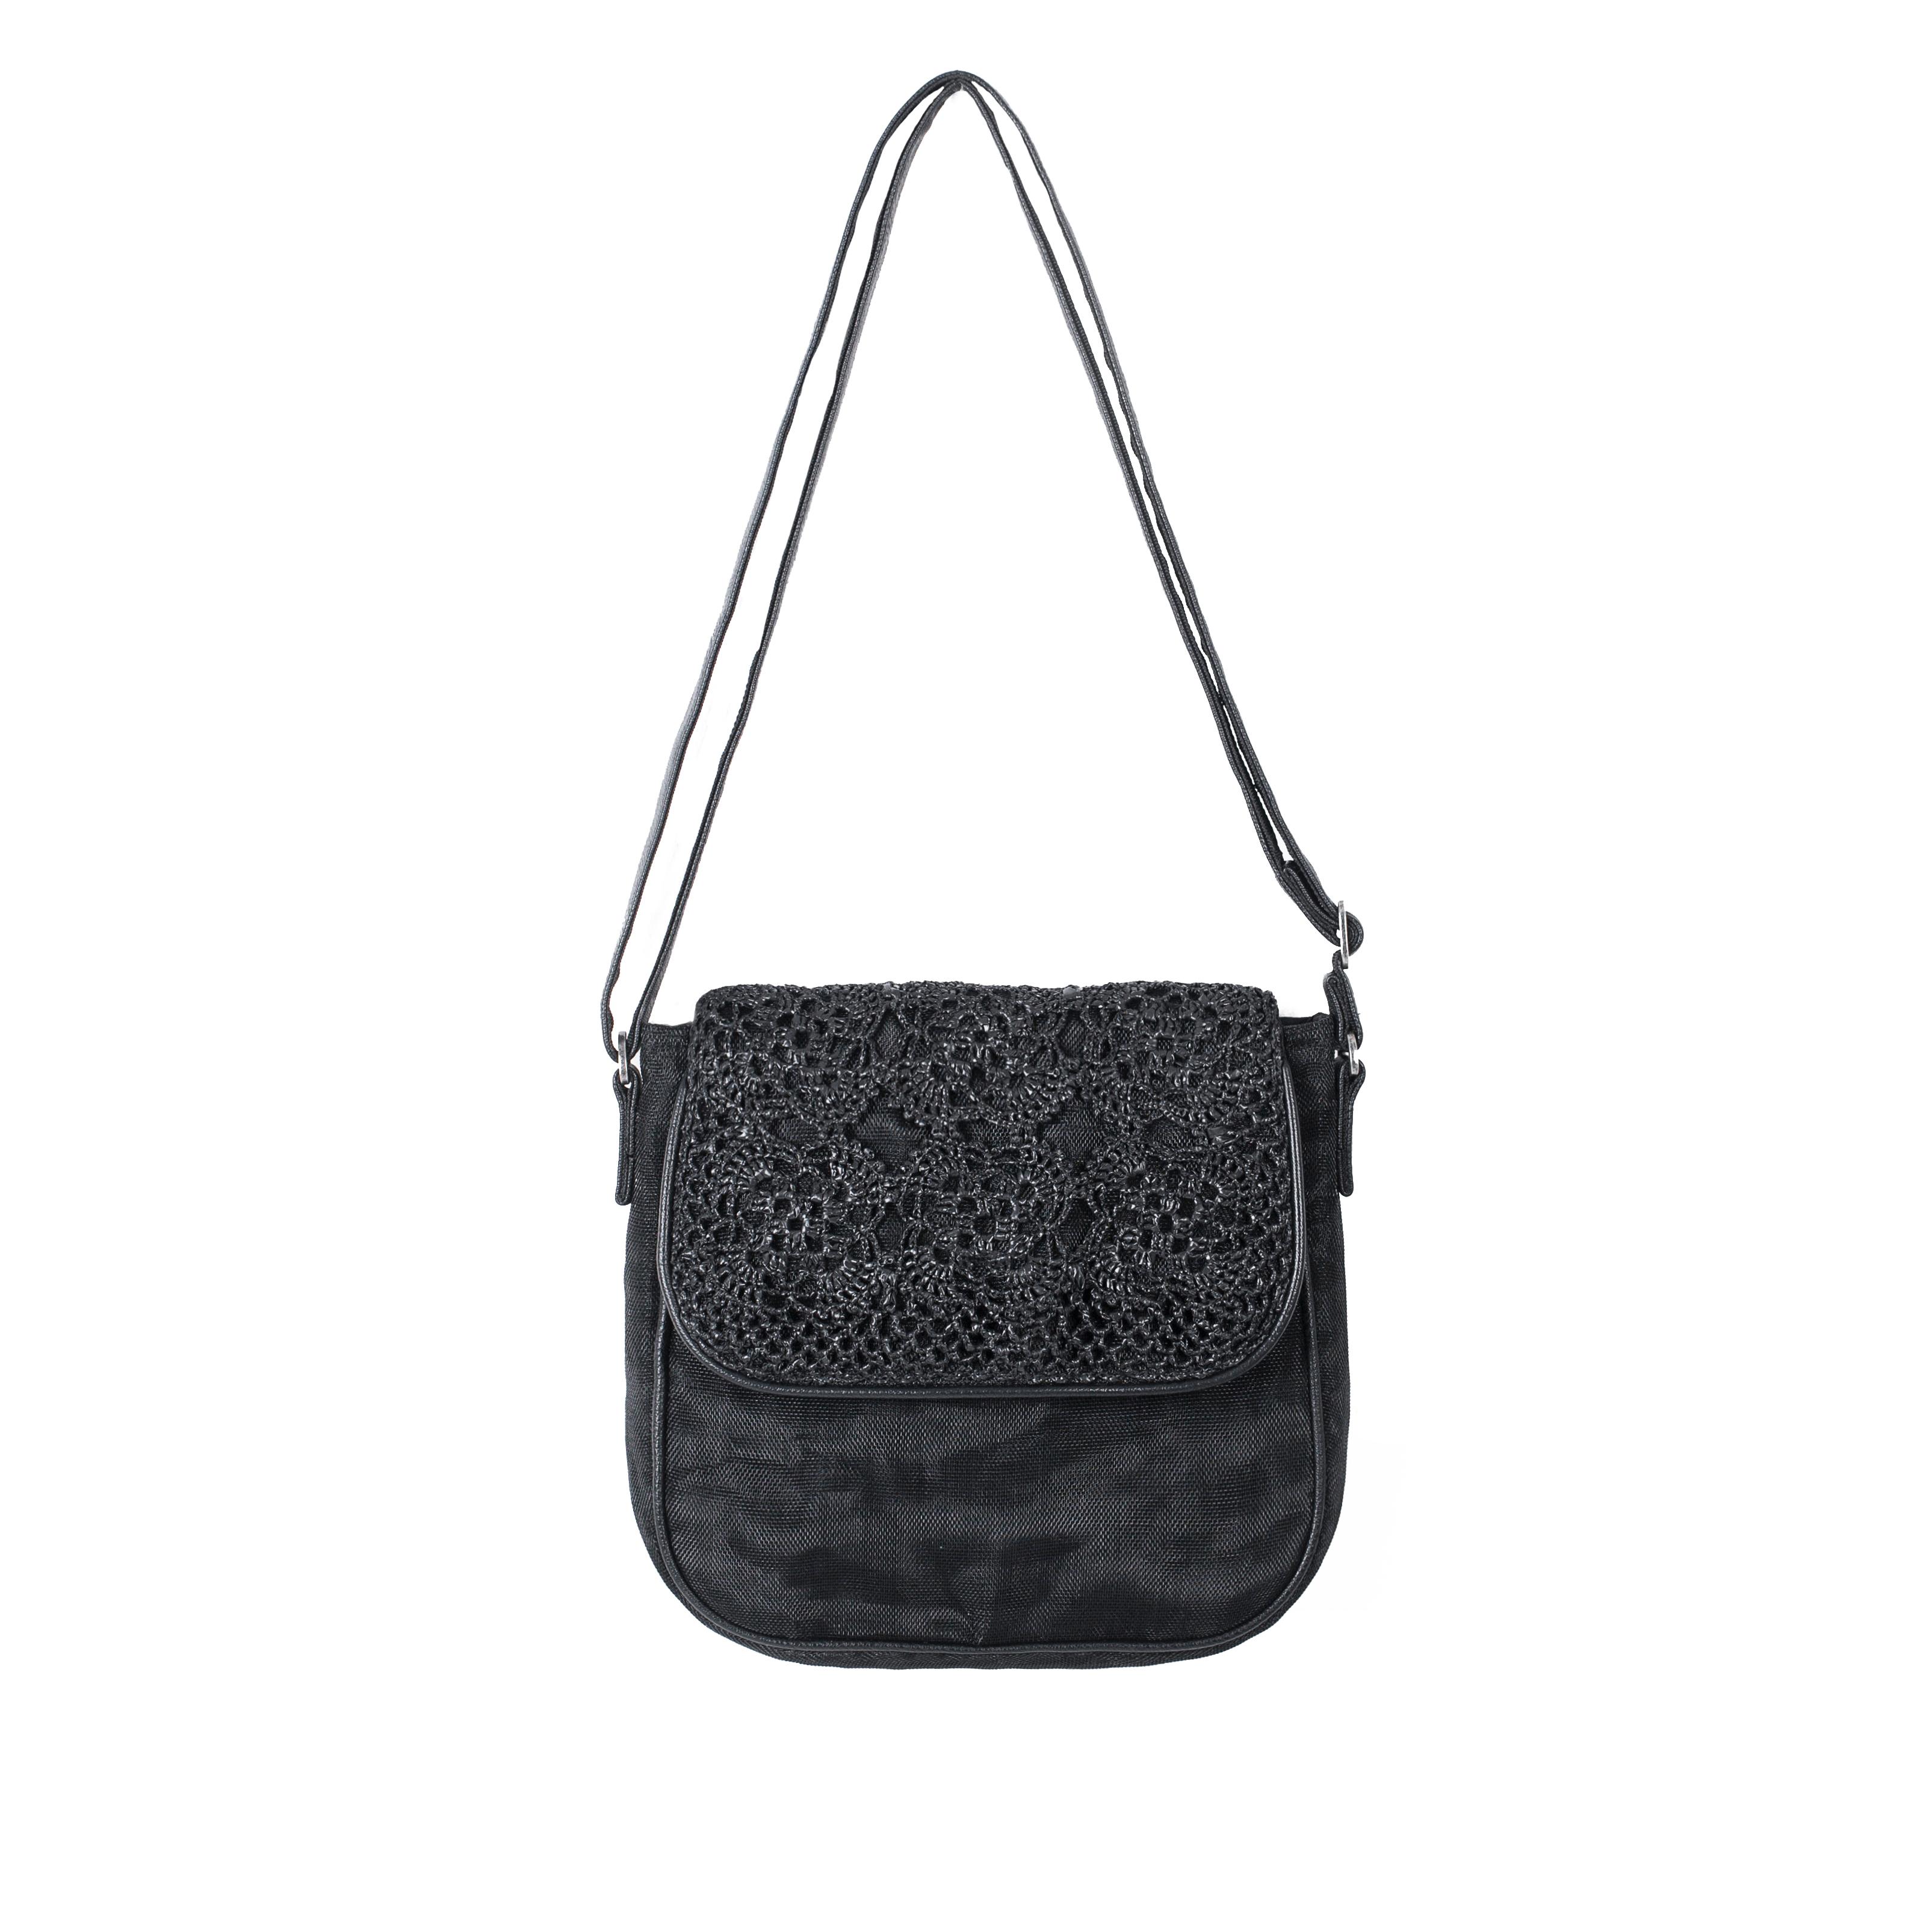 Square – Eco-friendly Crossbody Bag